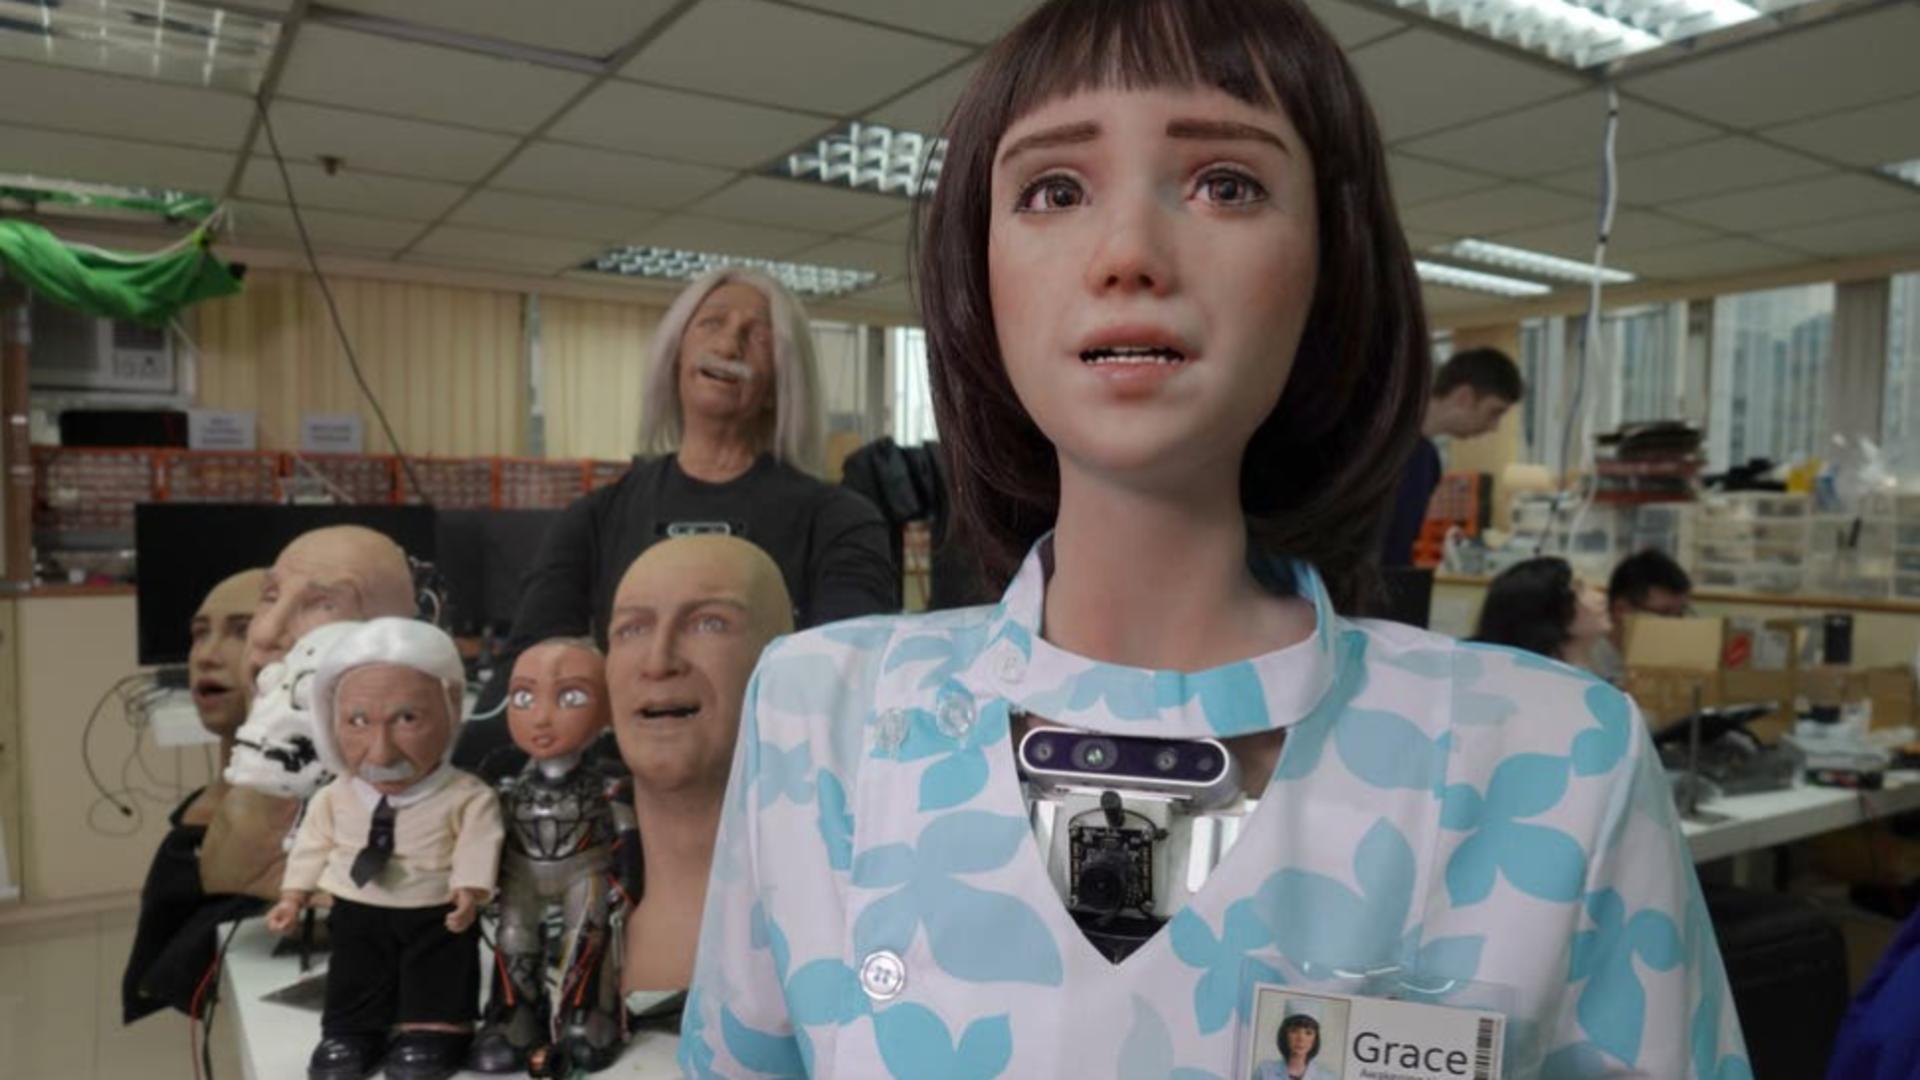 """Asistenta medicală Grace, """"sora"""" robotului umanoid Sophia, care îi va ajuta pe oamenii afectați de pandemia COVID-19 Foto: captură video YouTube"""